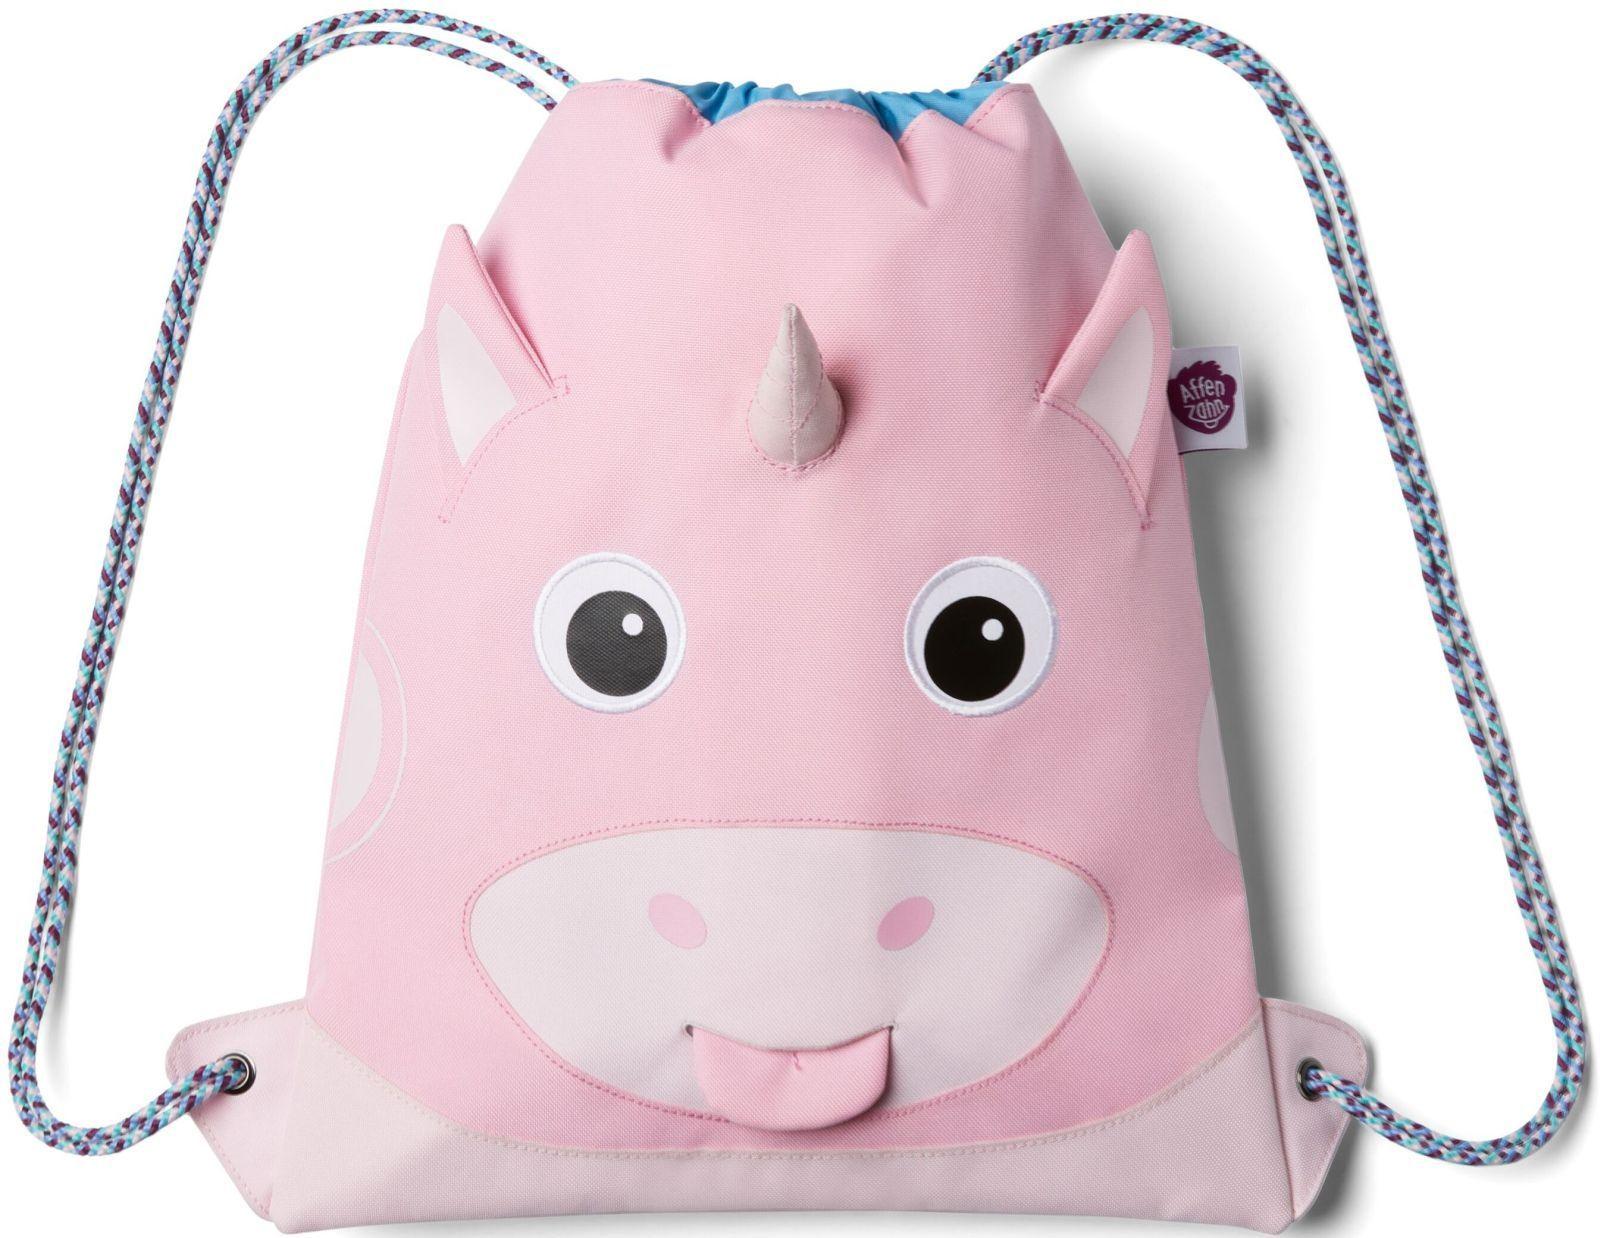 Barefoot Dětský batůžek Affenzahn Kids Sportsbag Unicorn - pink bosá